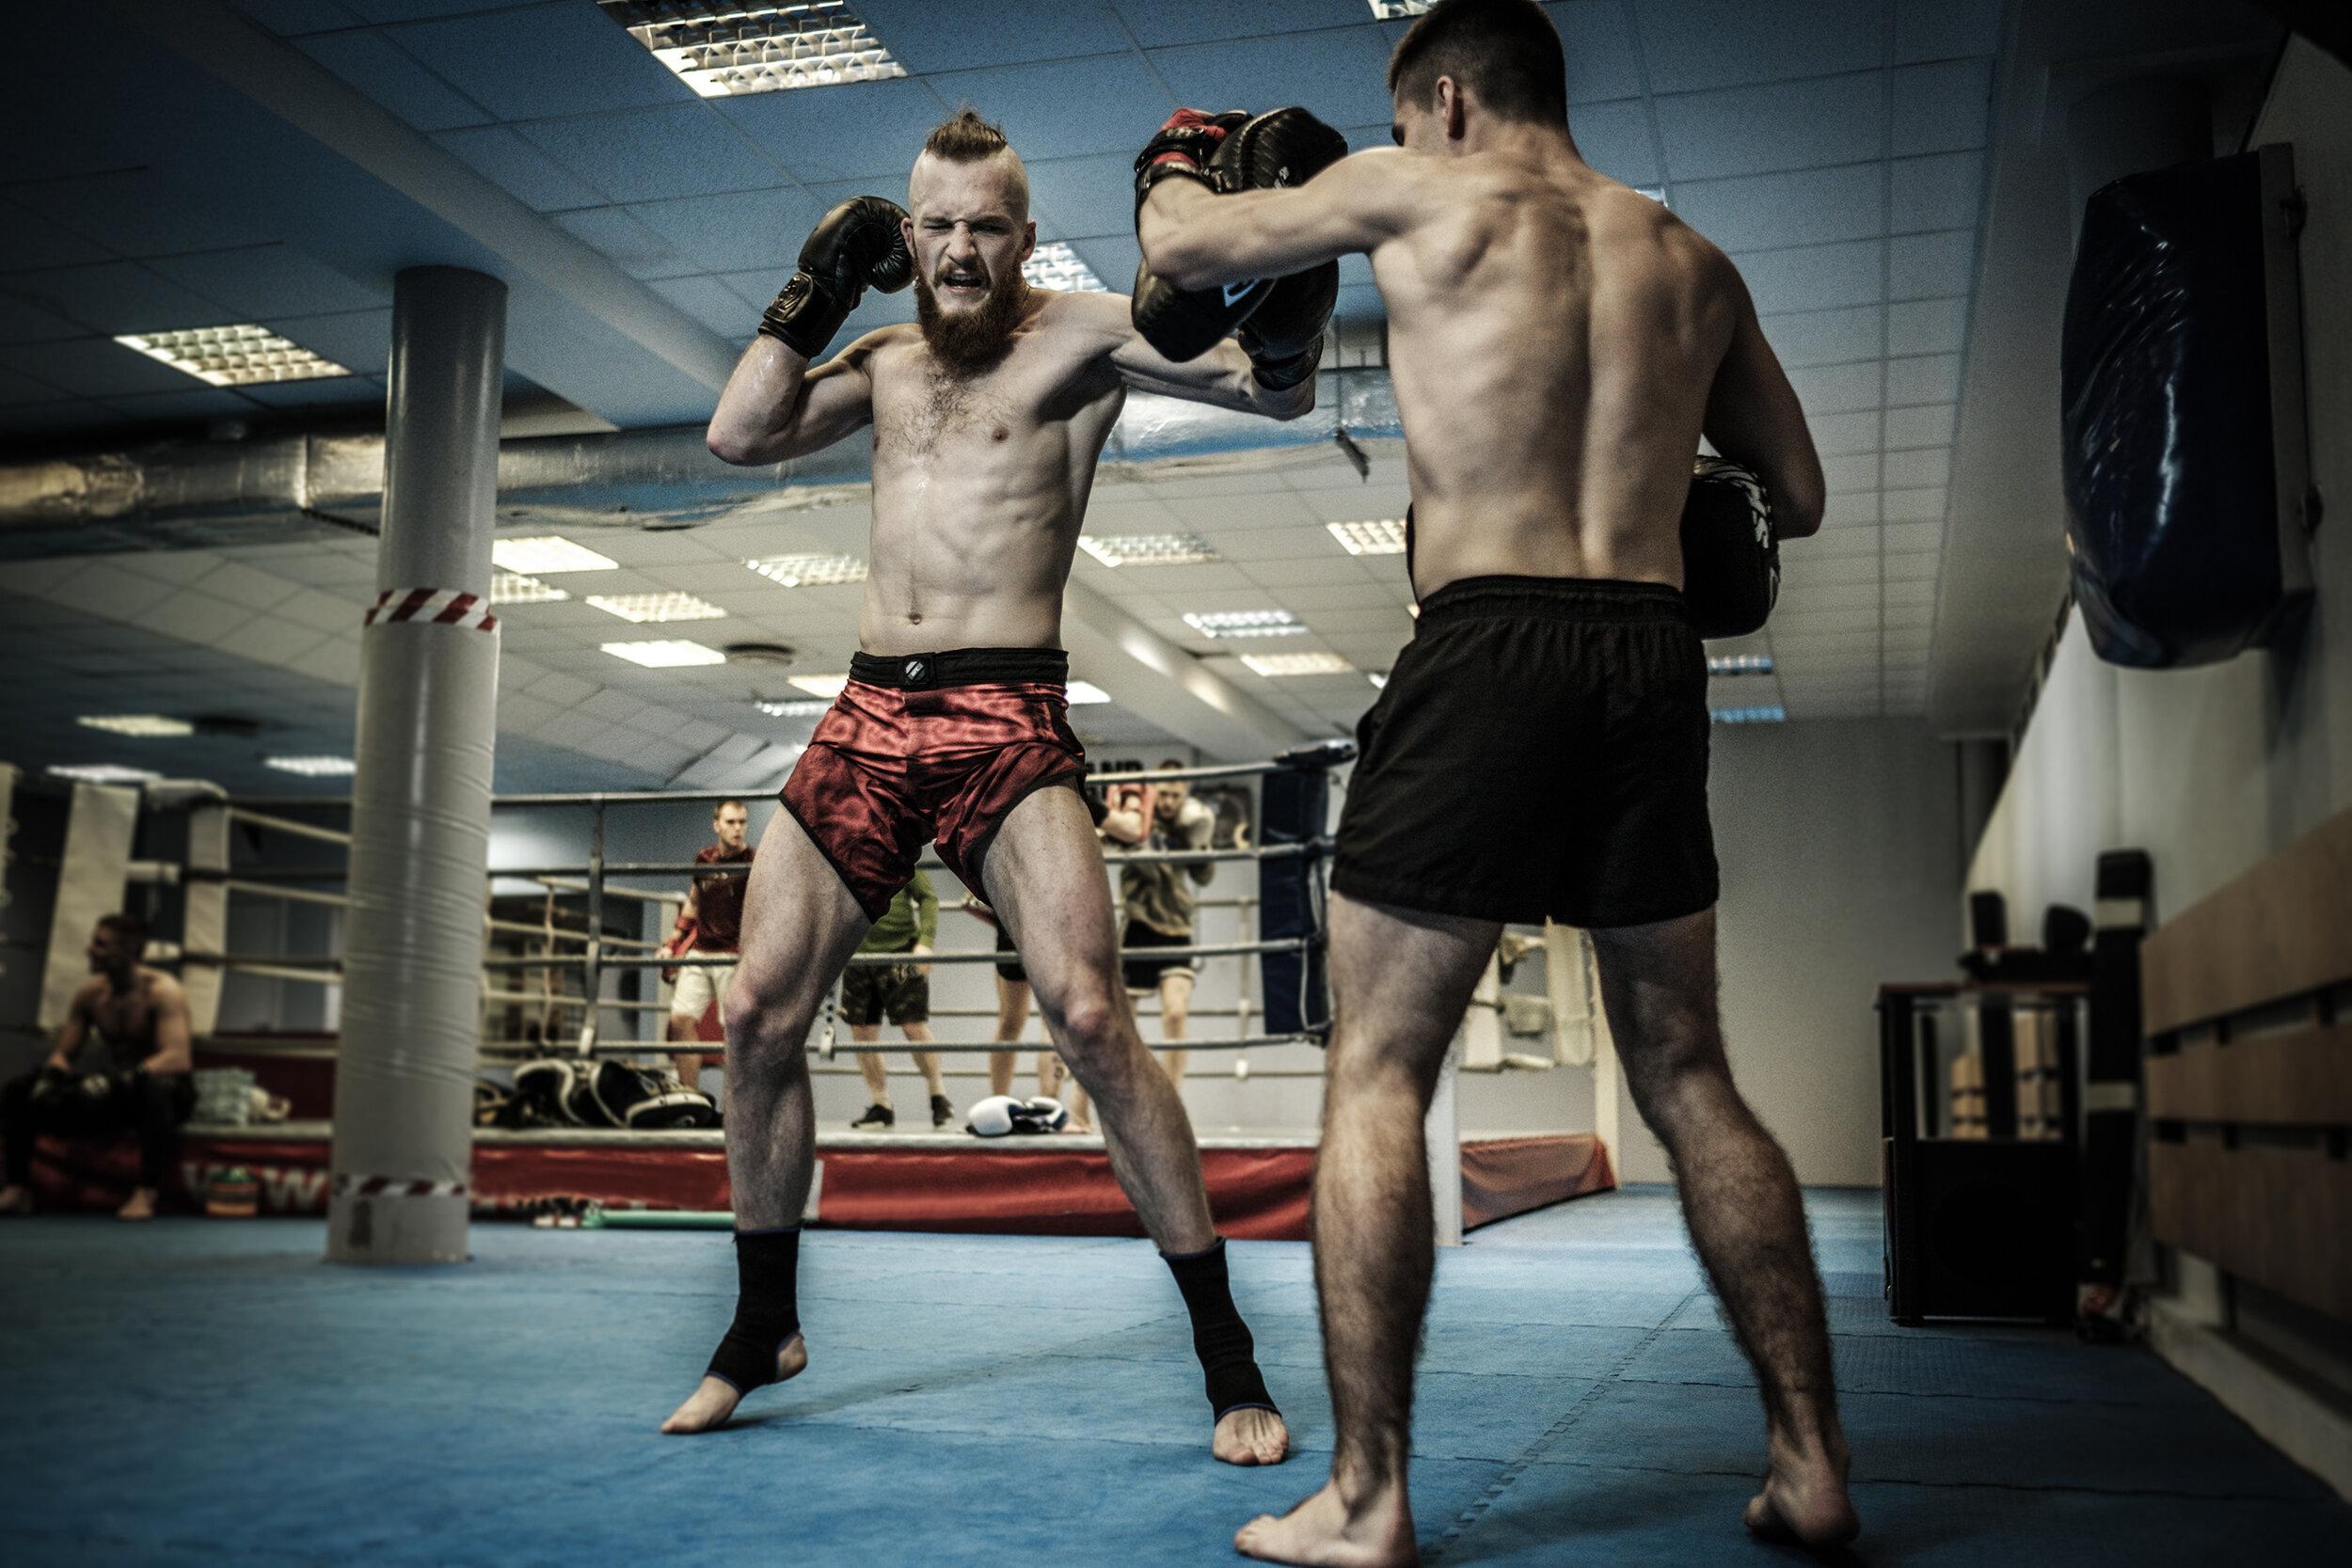 KICK & THAIBOXEN - Der Kampf im Stand - mit Knie & Ellbogeneinsatz. Anfängergerechtes Aufbautraining - Auspowern und Gas geben!Mehr zu Kick & Thaiboxen erfahren ➝